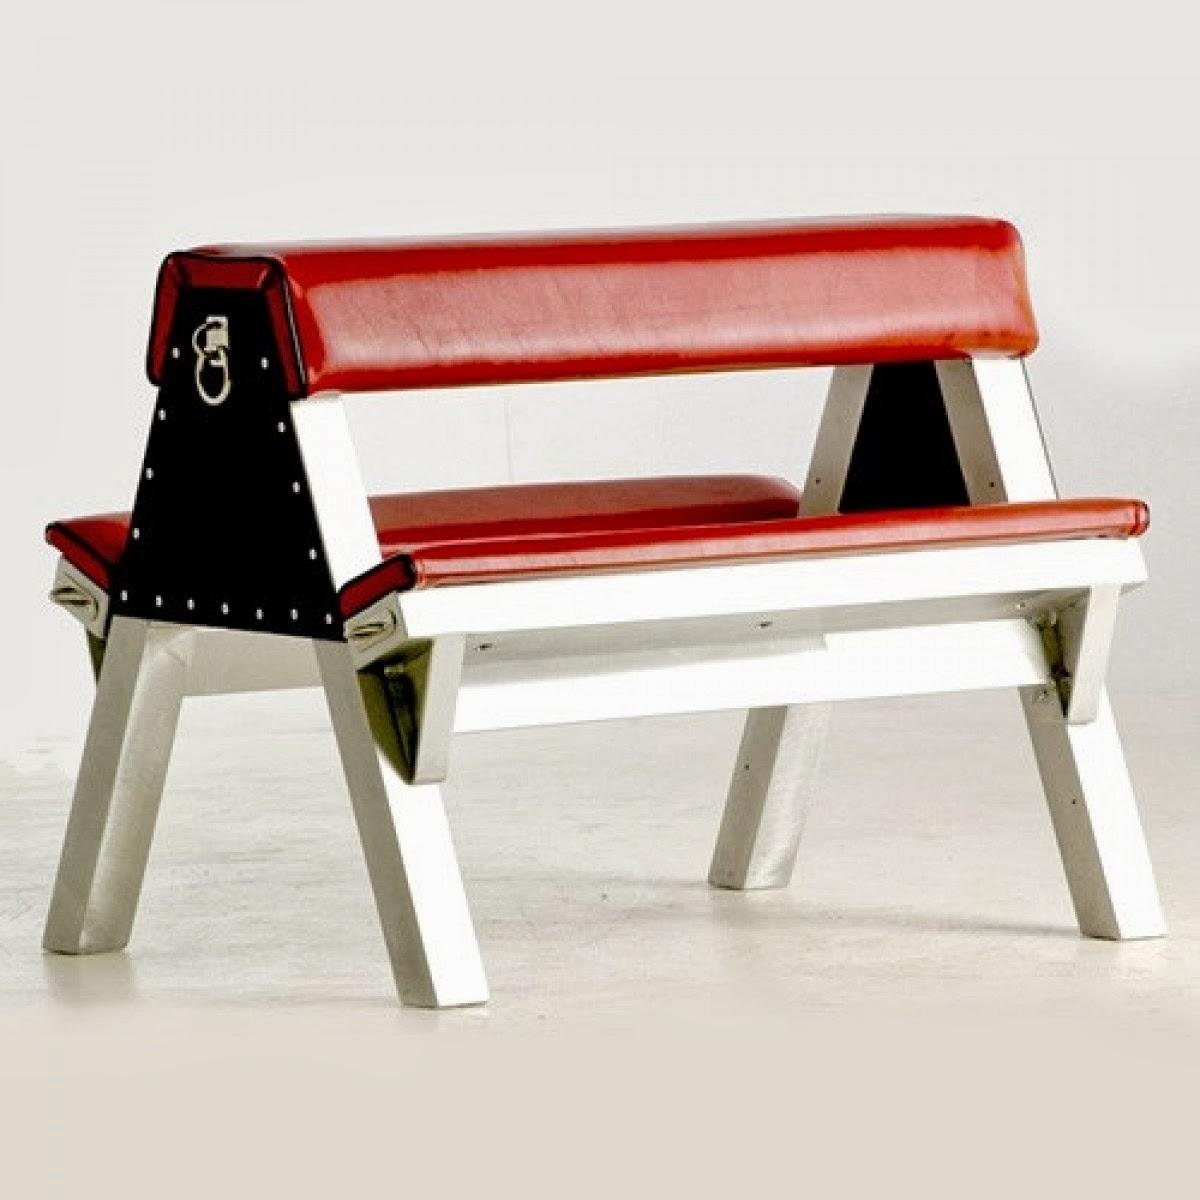 Bdsm kneeling bench